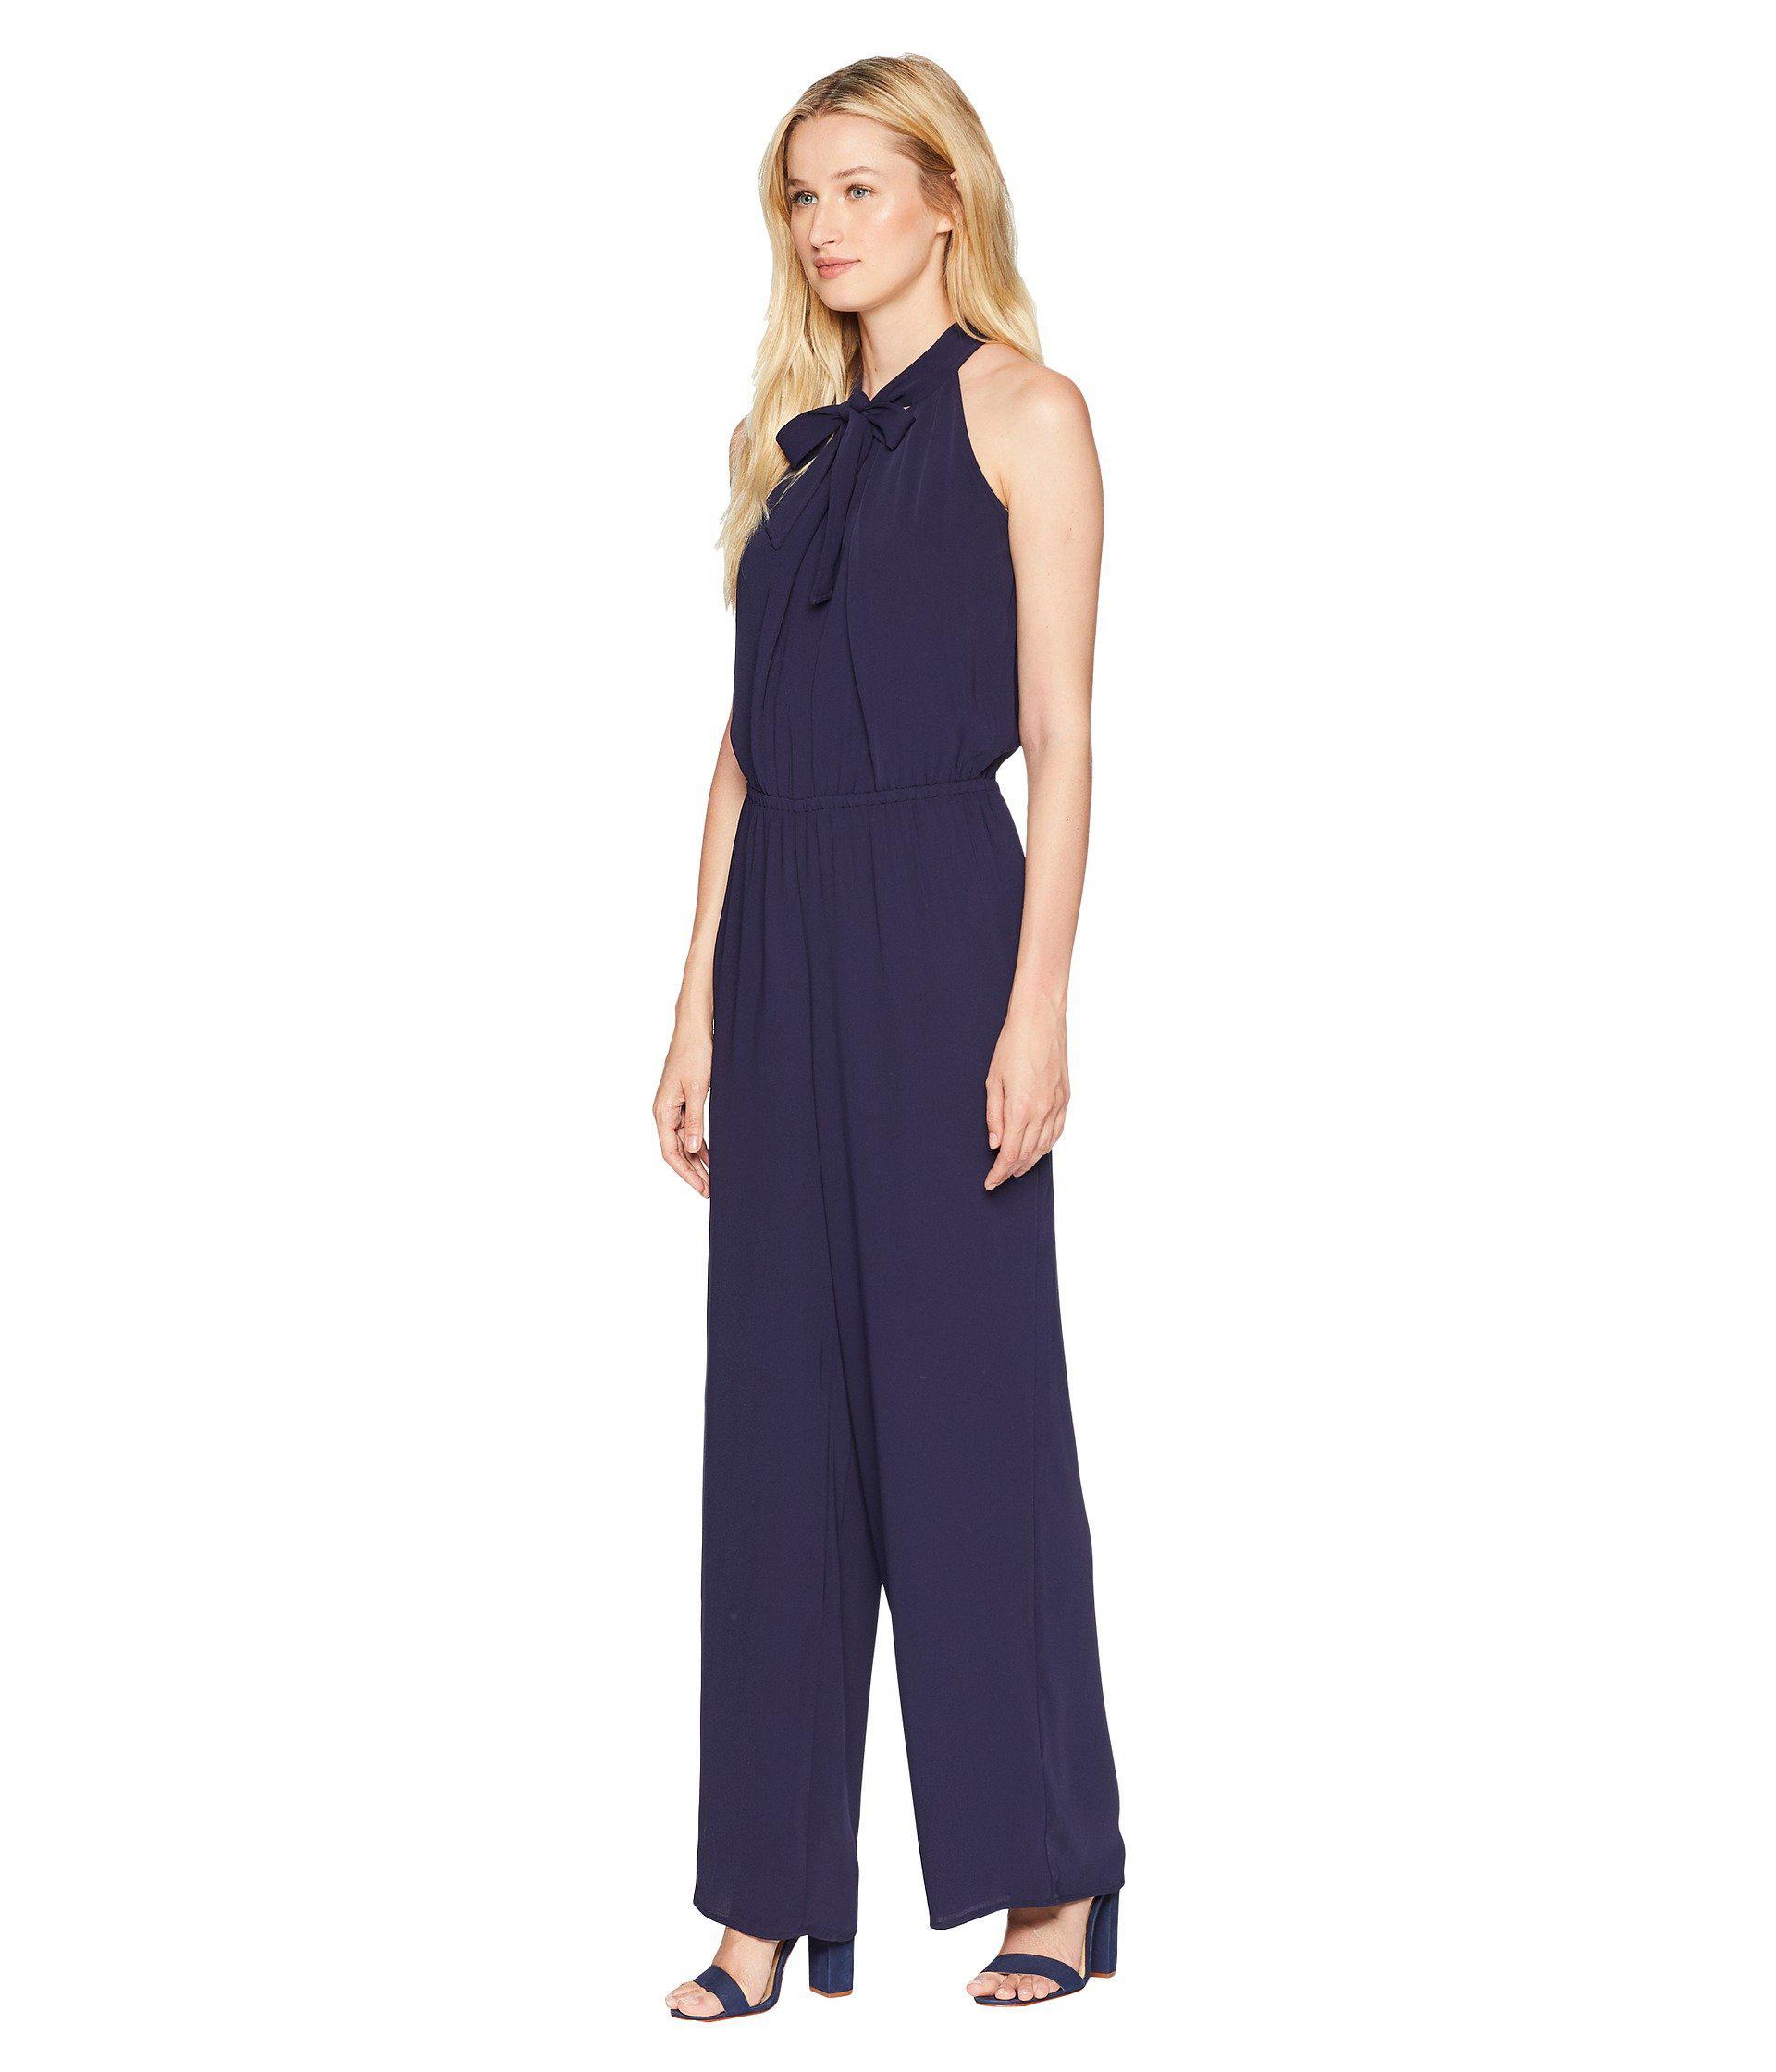 ab7cc737824 Lyst - Cece Tie Neck Crepe Jumpsuit in Blue - Save 55%